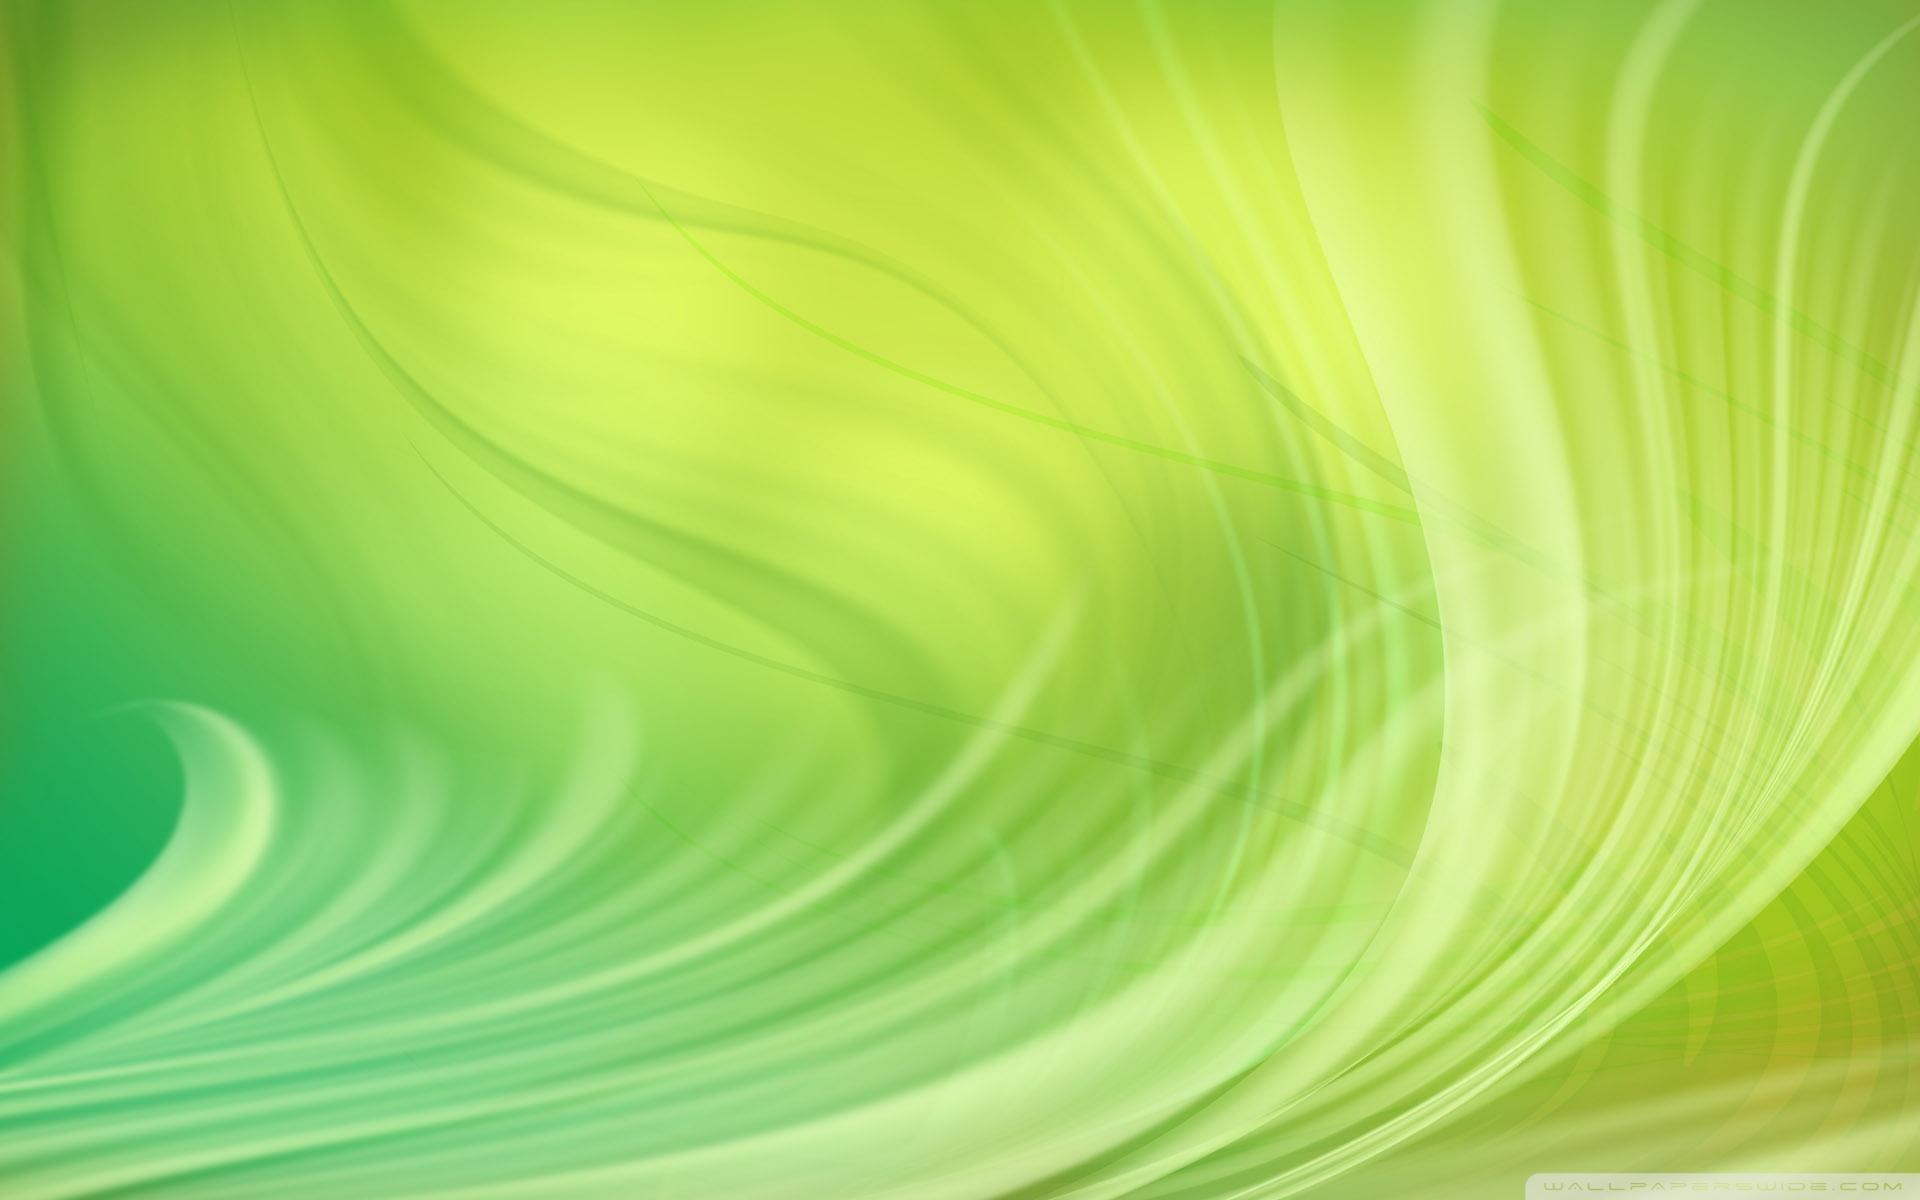 Light Green Wallpaper Full Hd